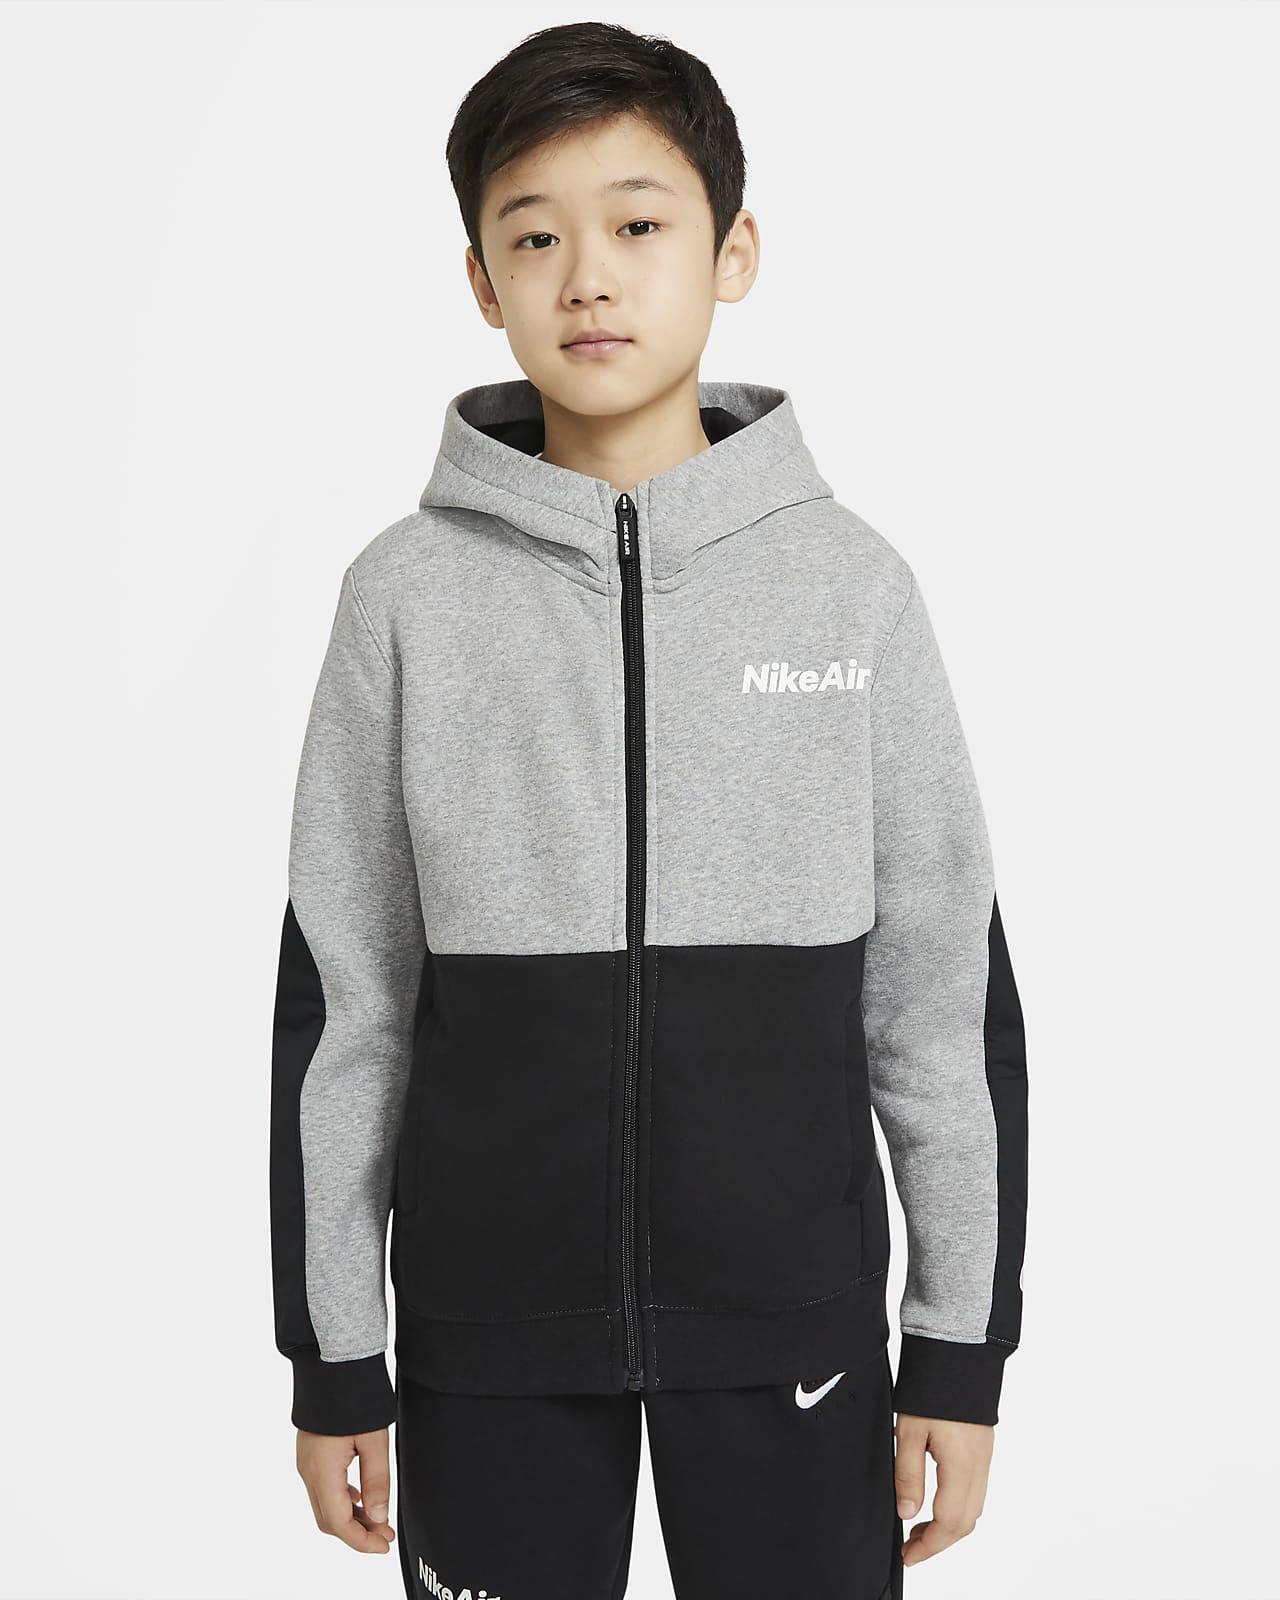 Huvtröja Nike Air Full-Zip för ungdom (killar)